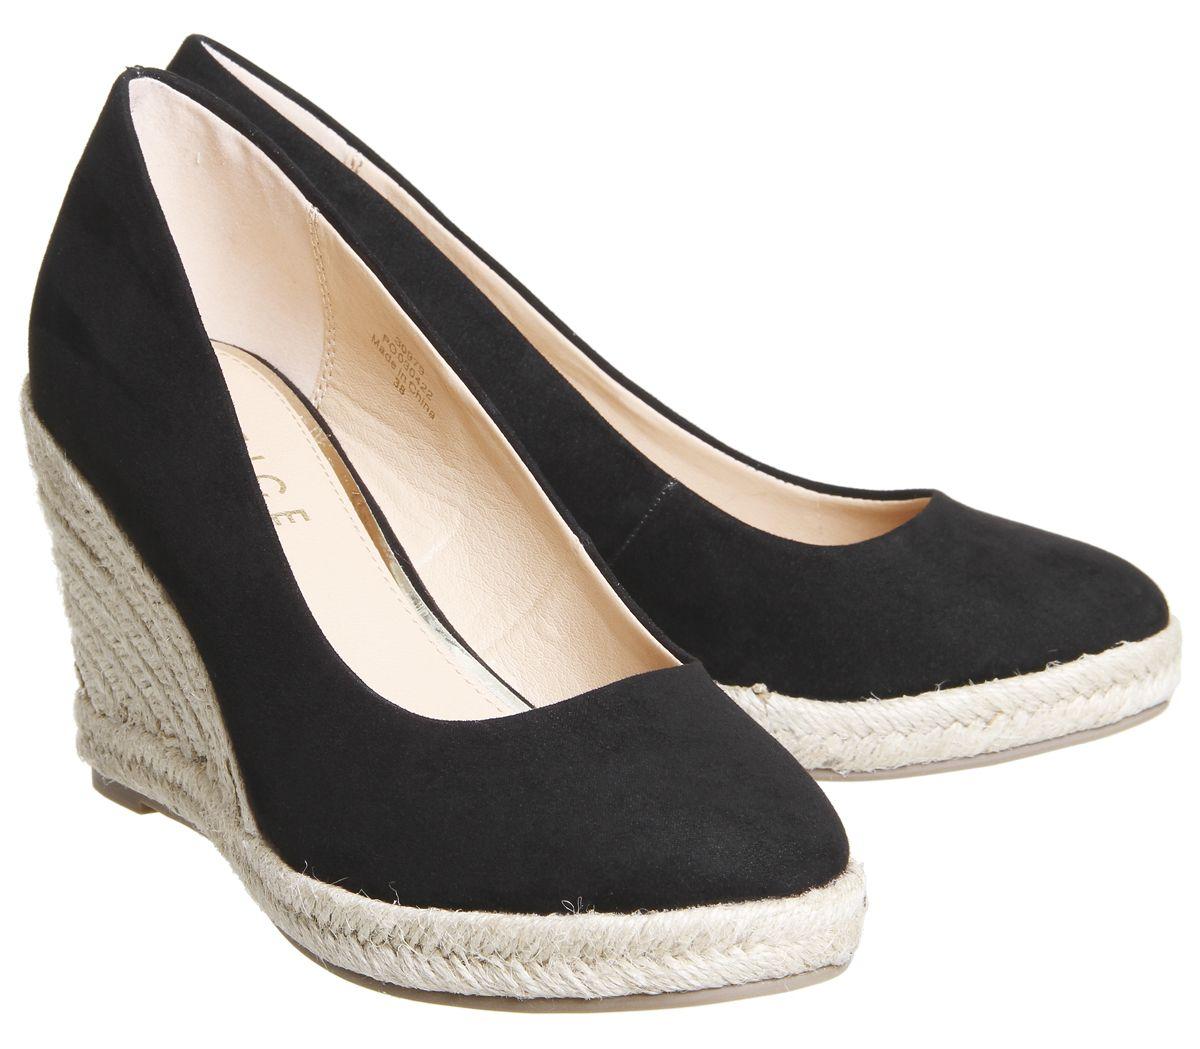 9157a052c729a Office Marbella Closed Toe Espadrilles Black - Mid Heels